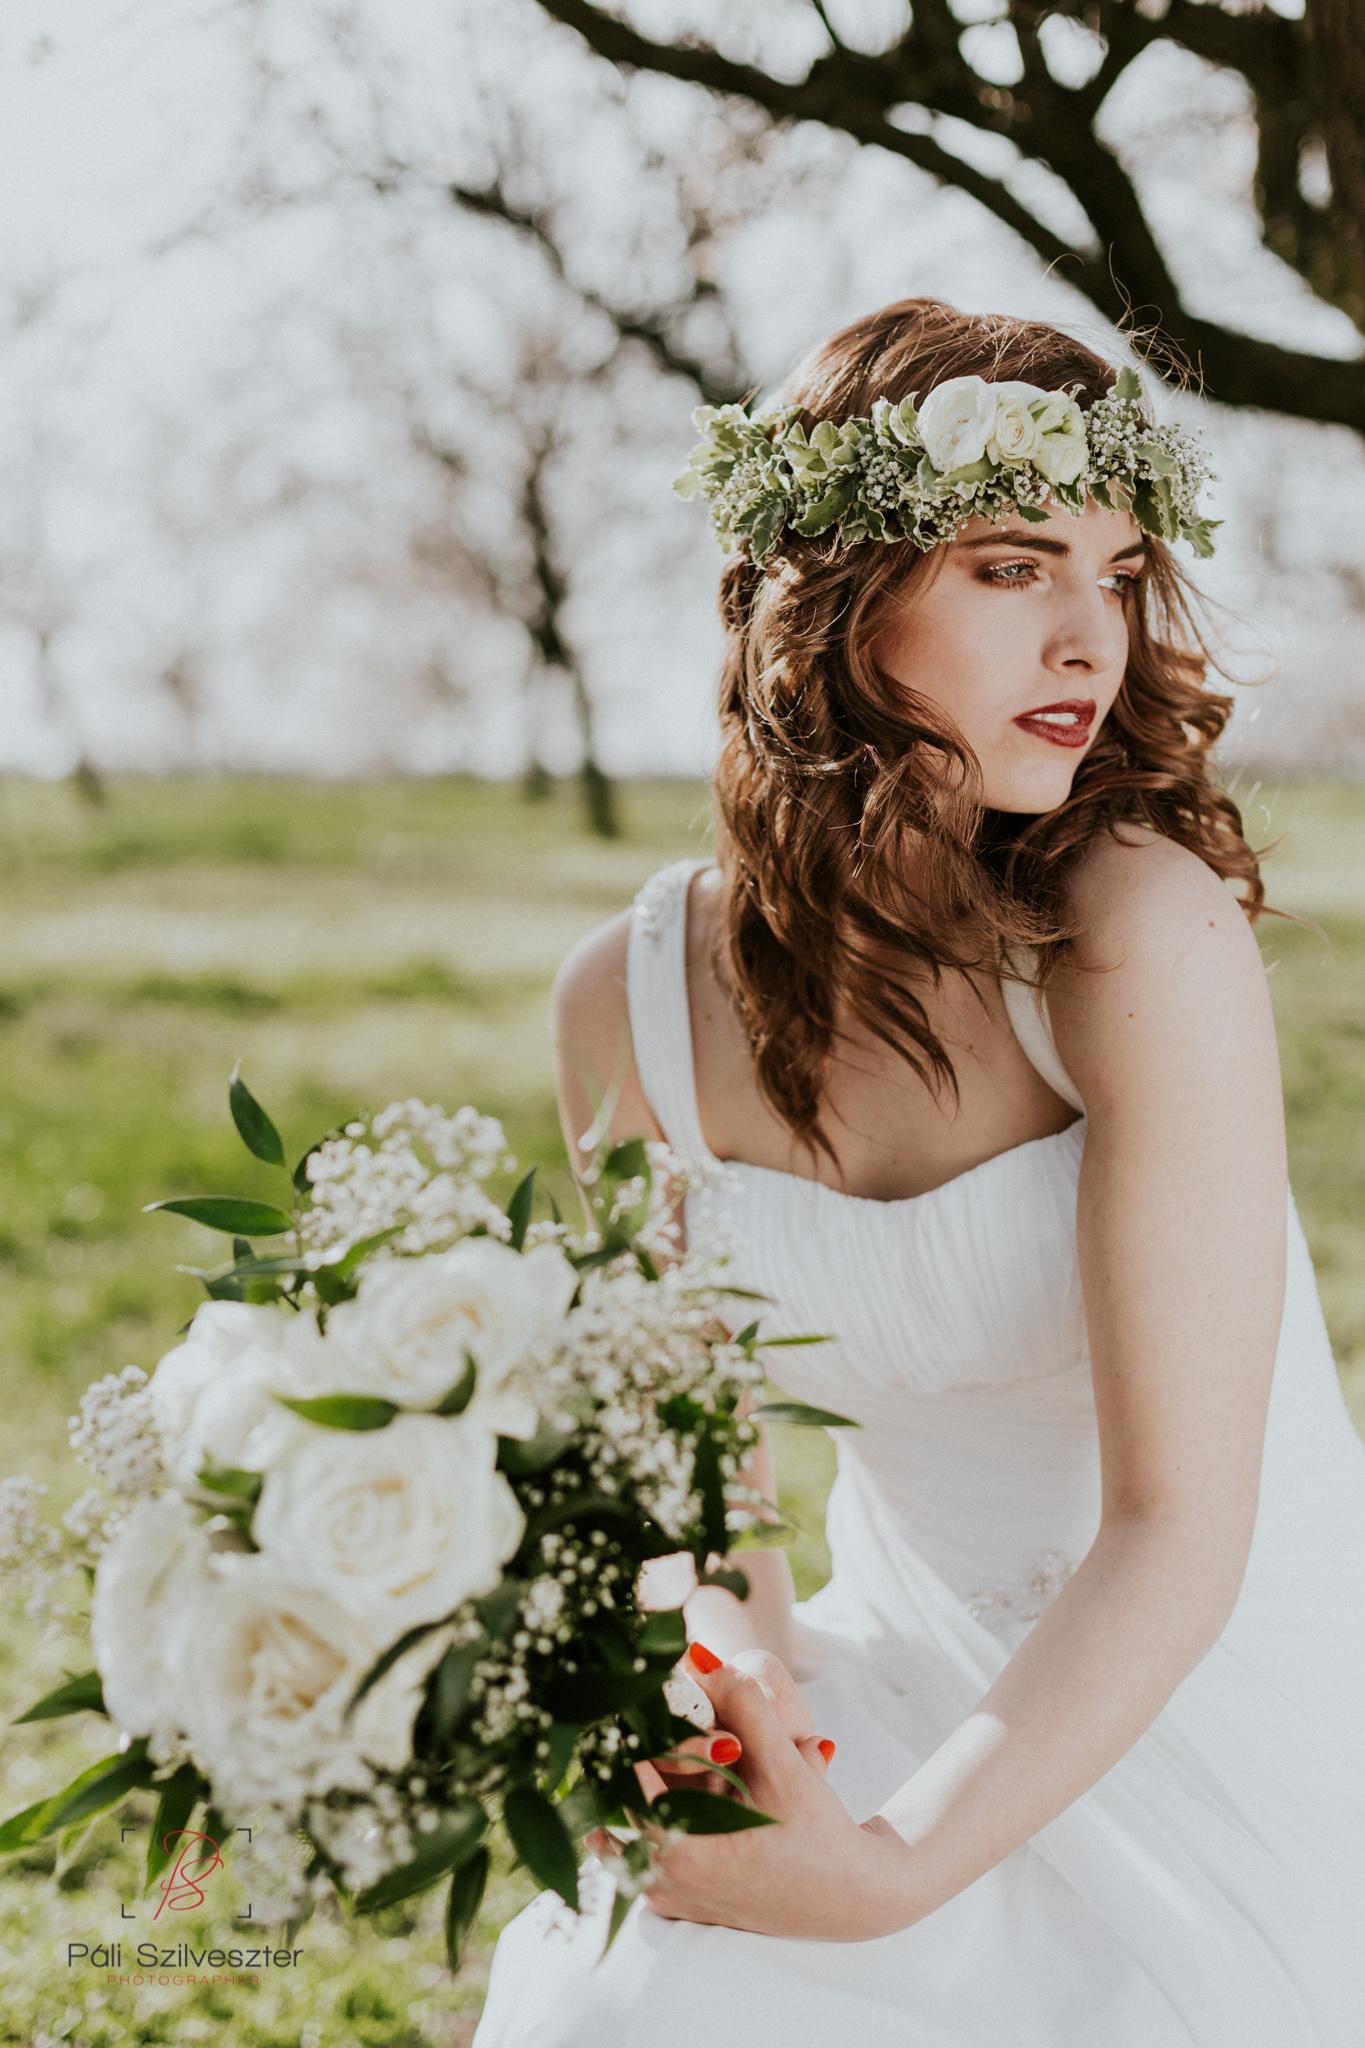 Páli-Szilveszter-székesfehérvári-esküvői-fotós-velence-barackos-2016-03-31-2158.jpg